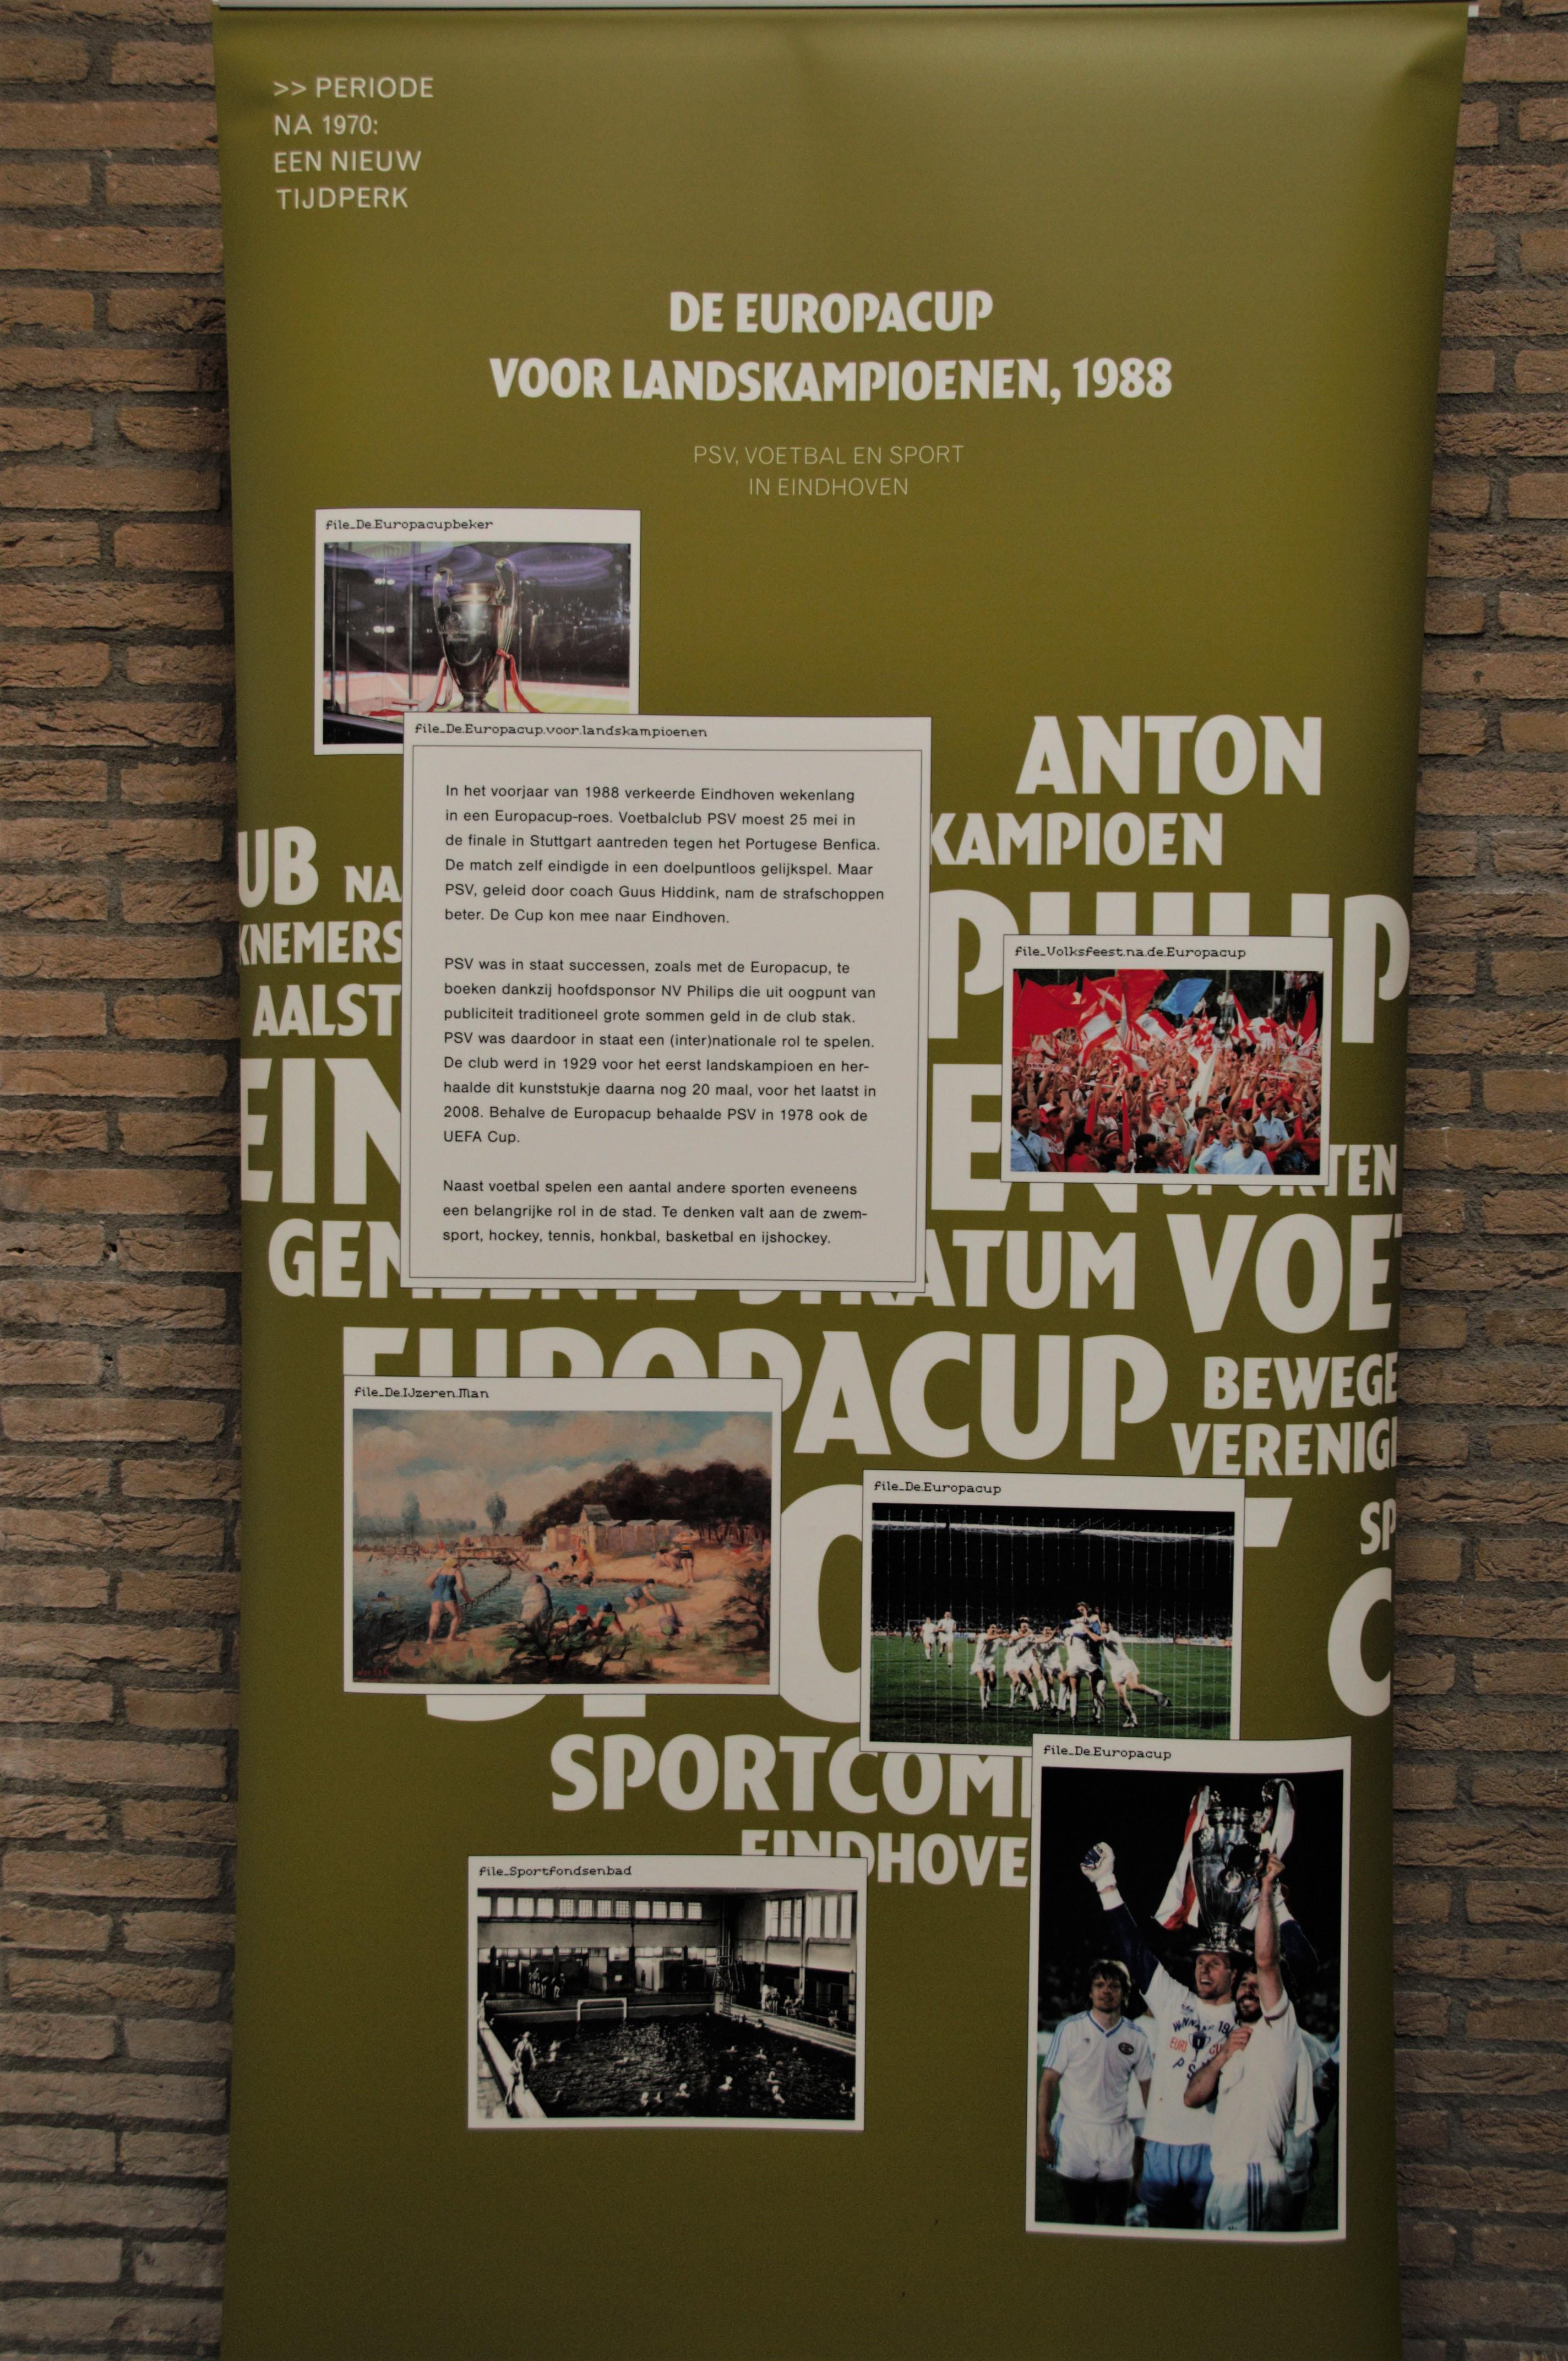 De banner in de Eindhovense canon van PSV.